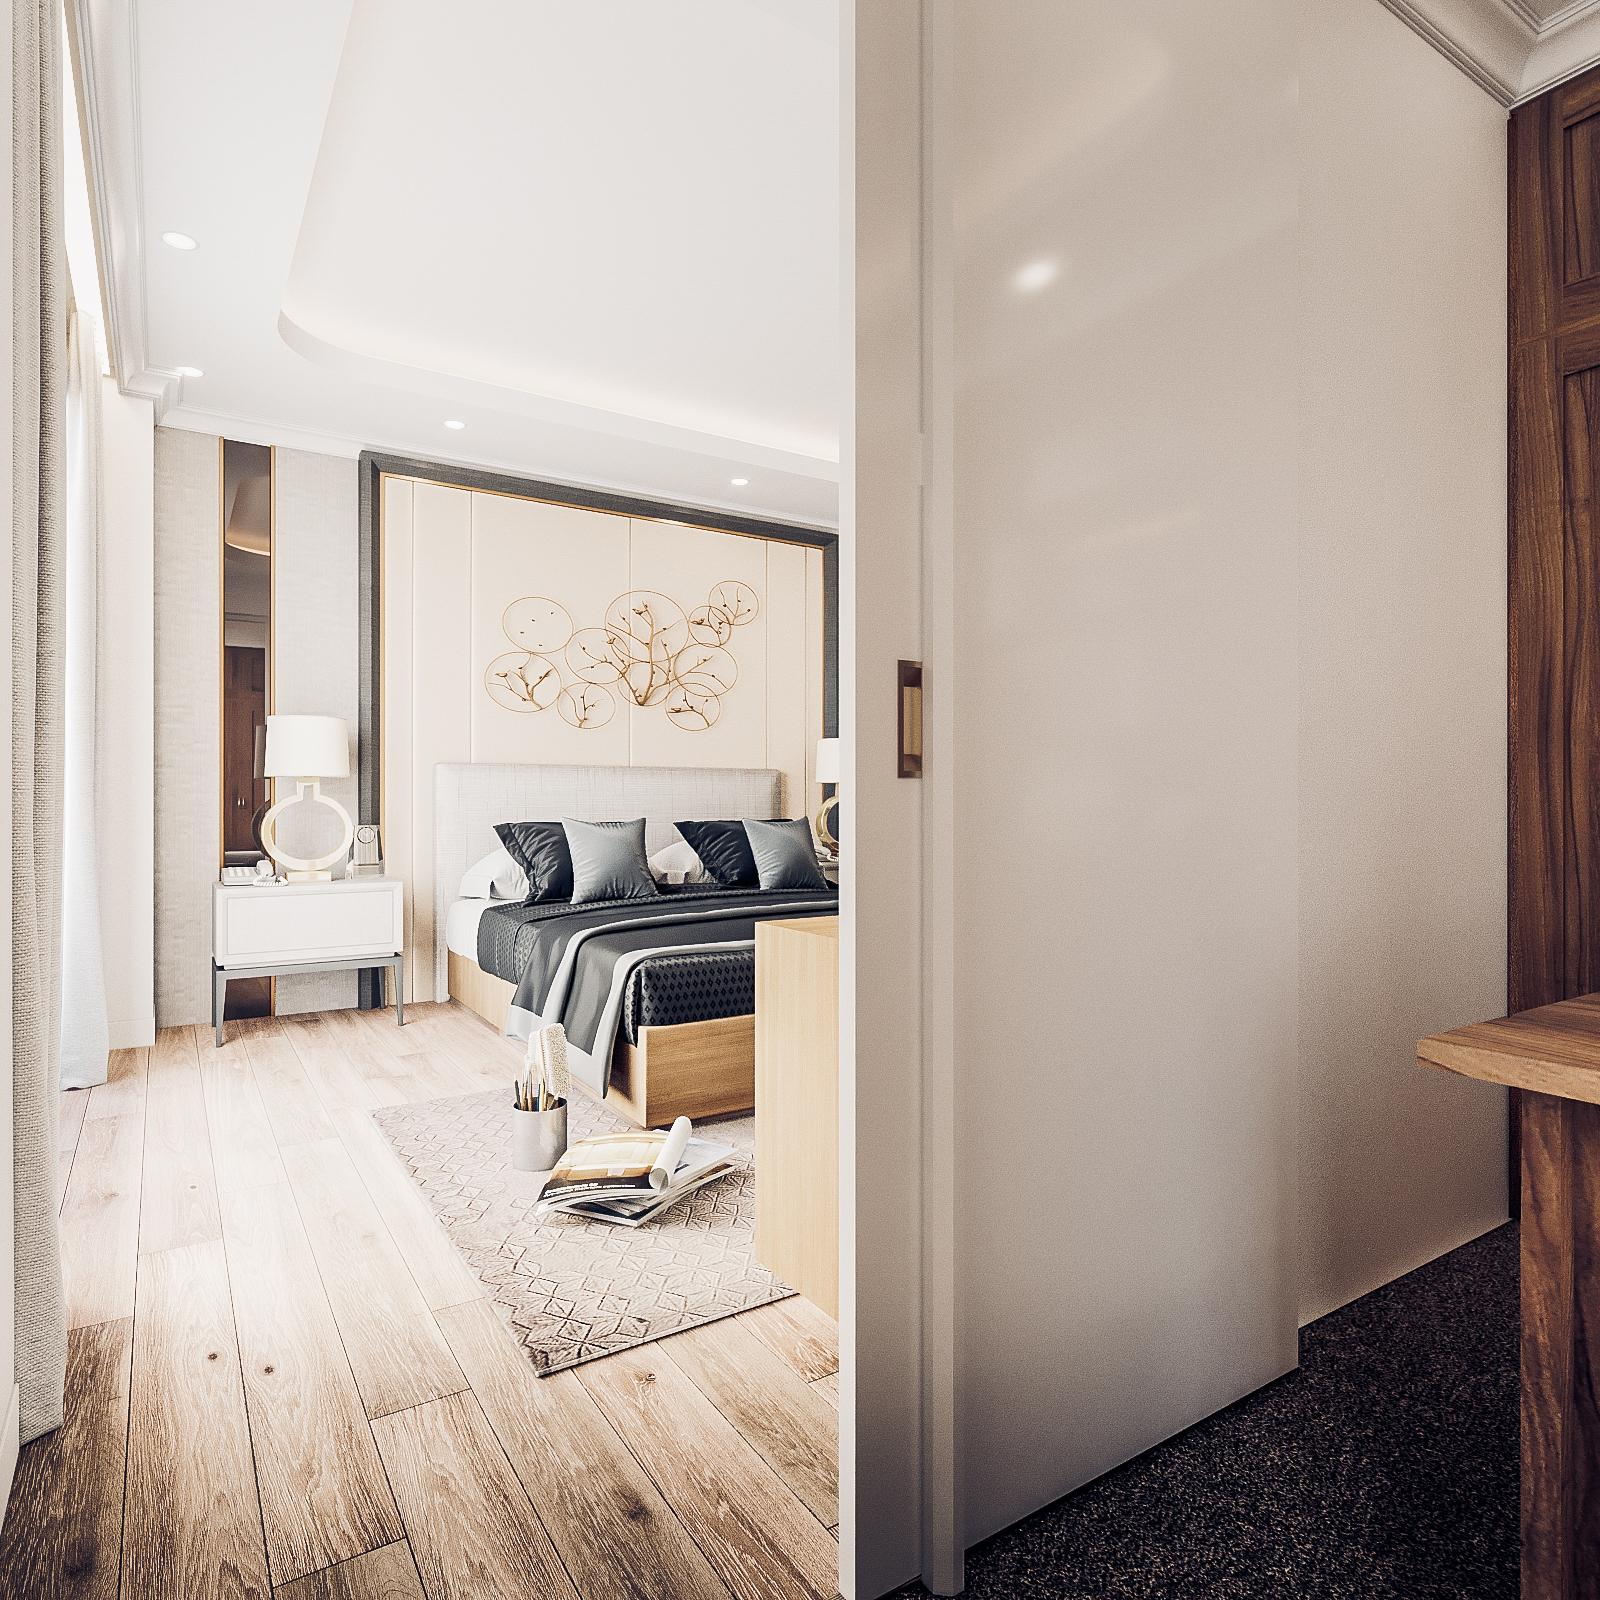 thiết kế nội thất chung cư tại Đà Nẵng Phòng ngủ master 4 1555242083